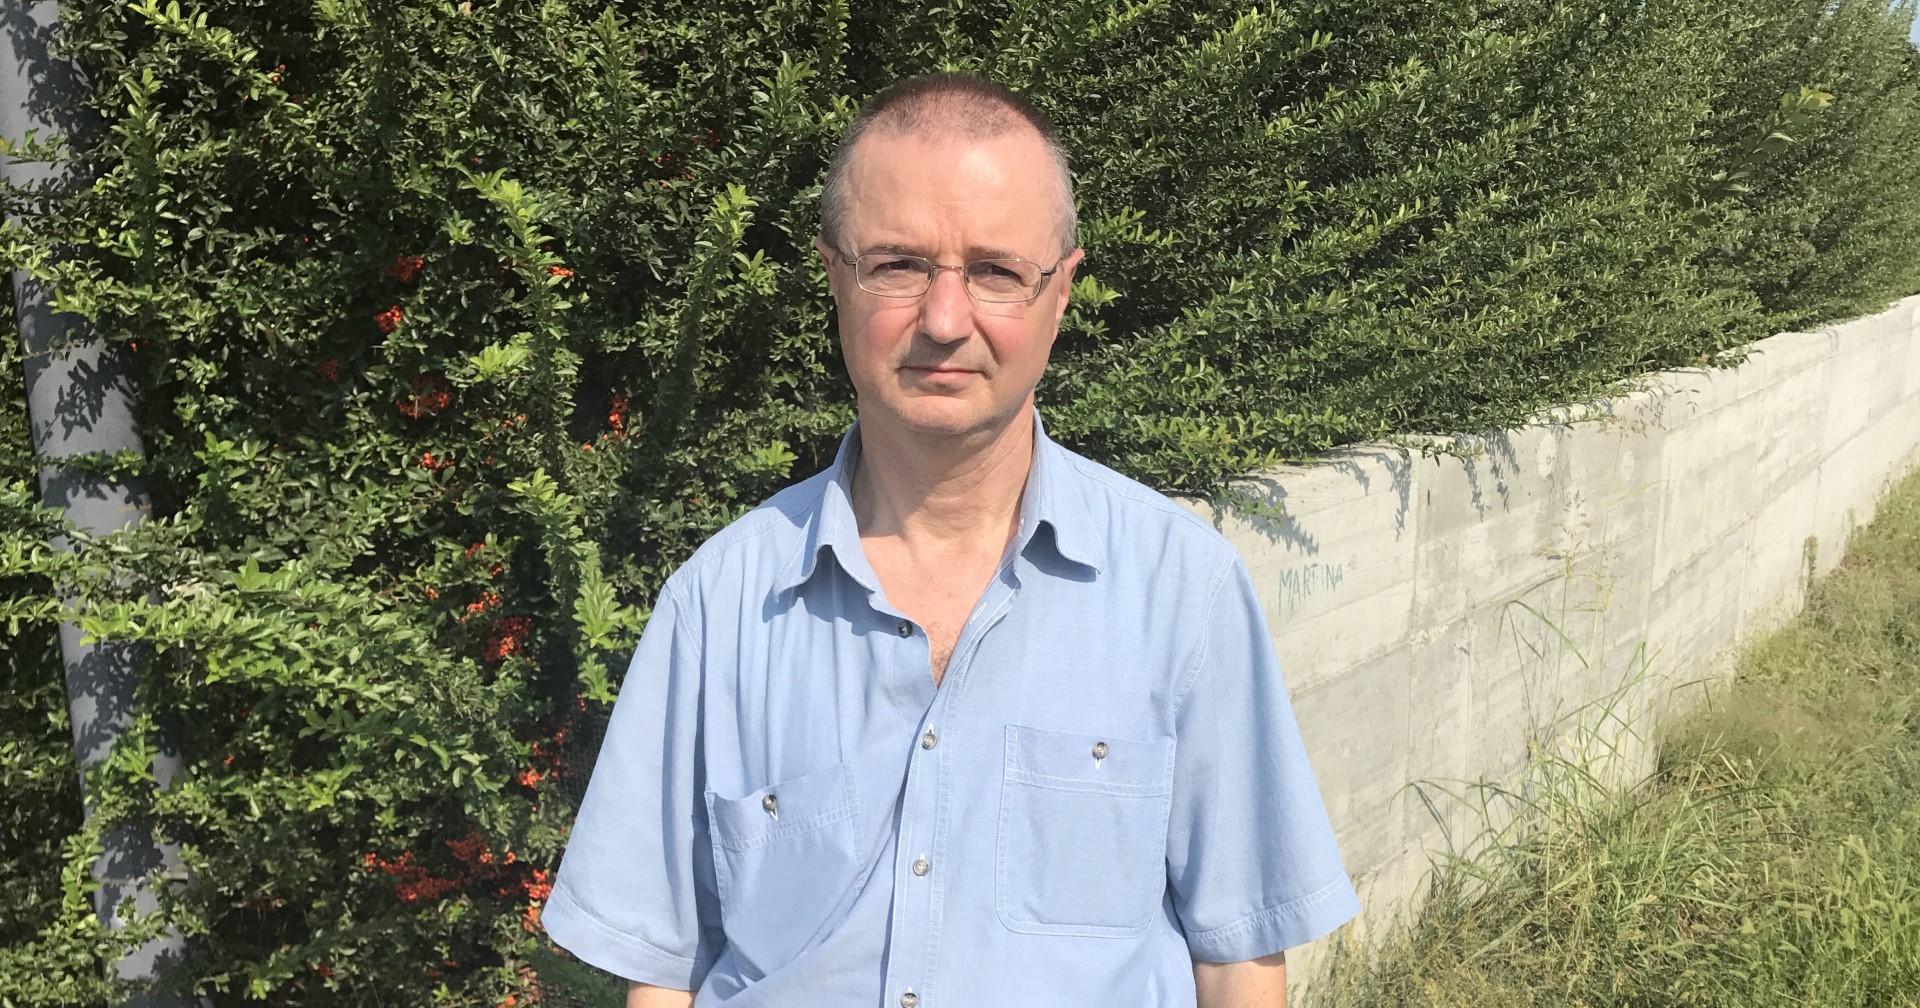 Roberto Segalini, residente di Roncaglia